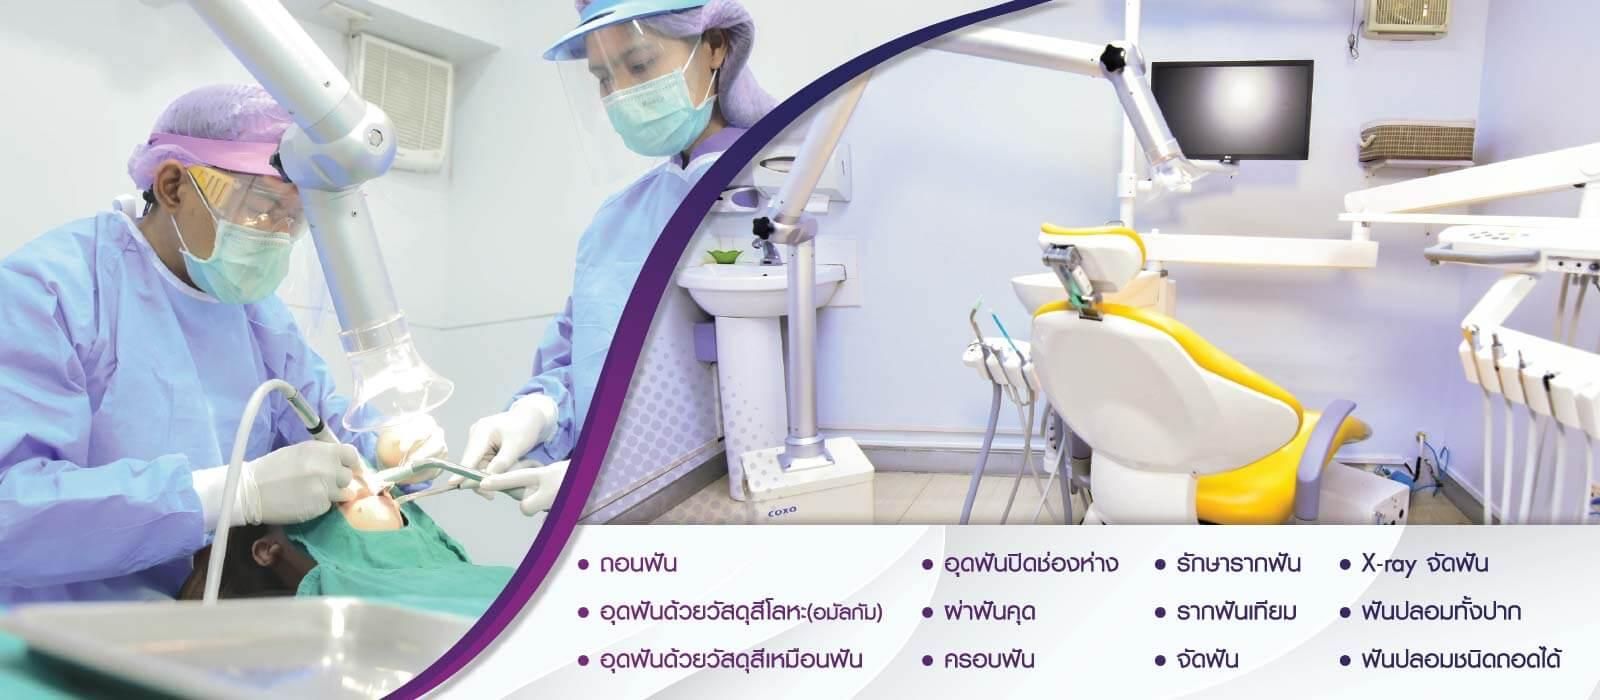 6306-banner-dental-1